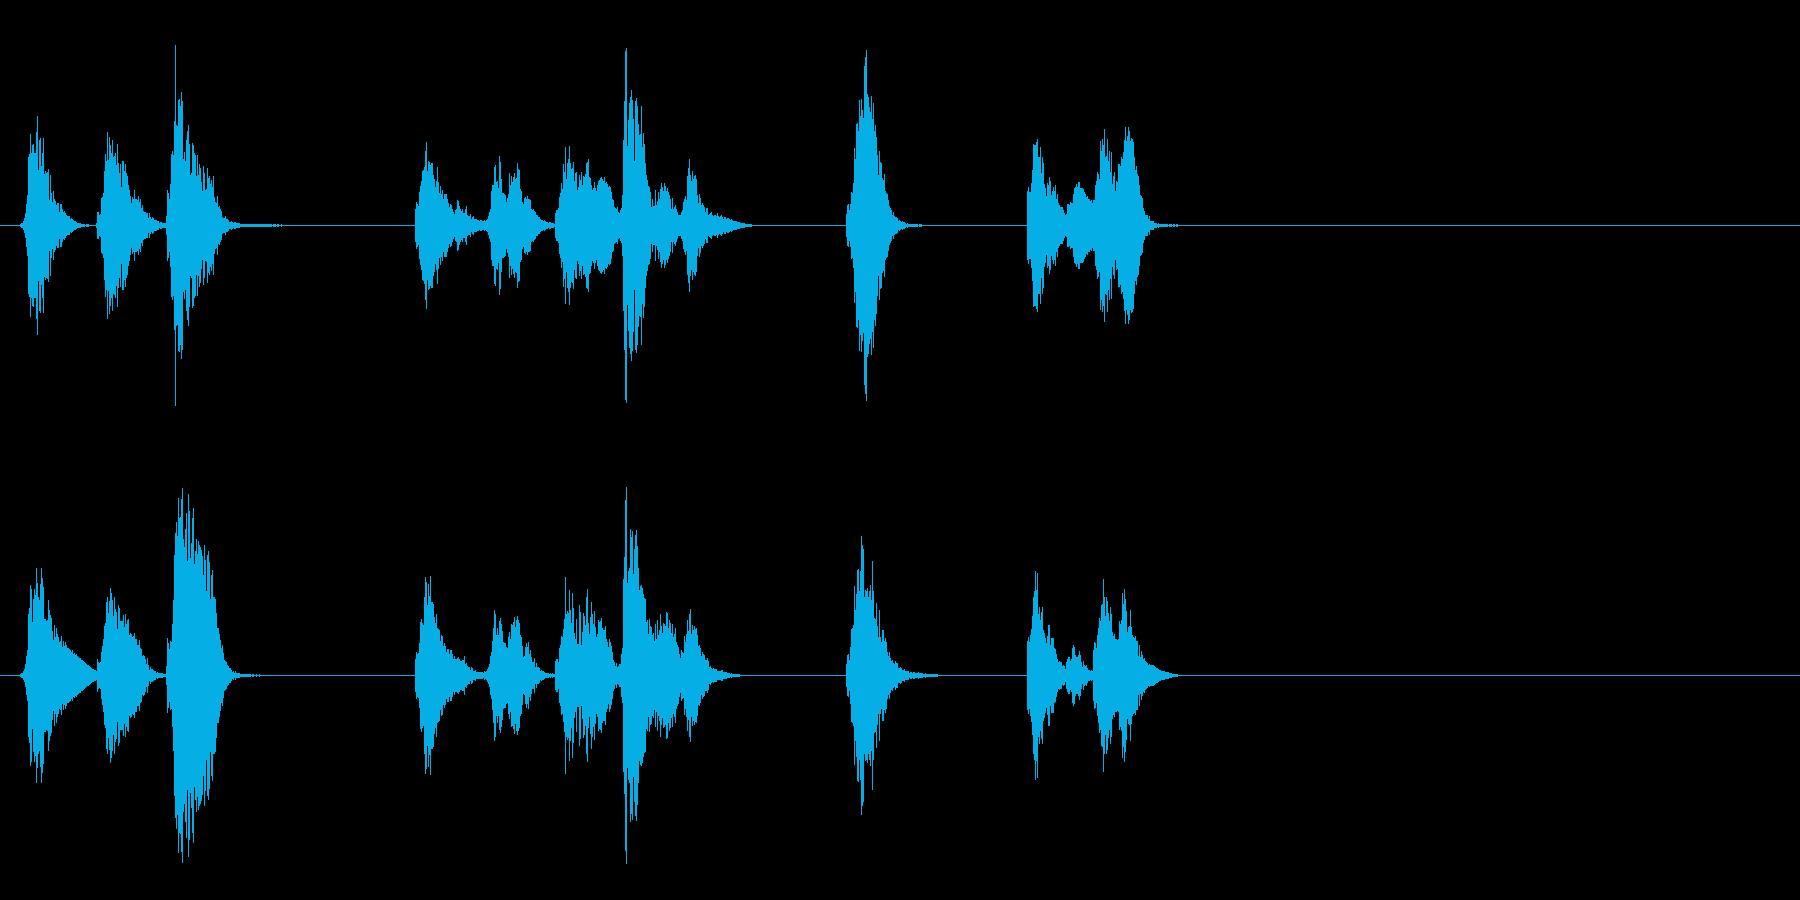 小さいエイリアンの発声の再生済みの波形